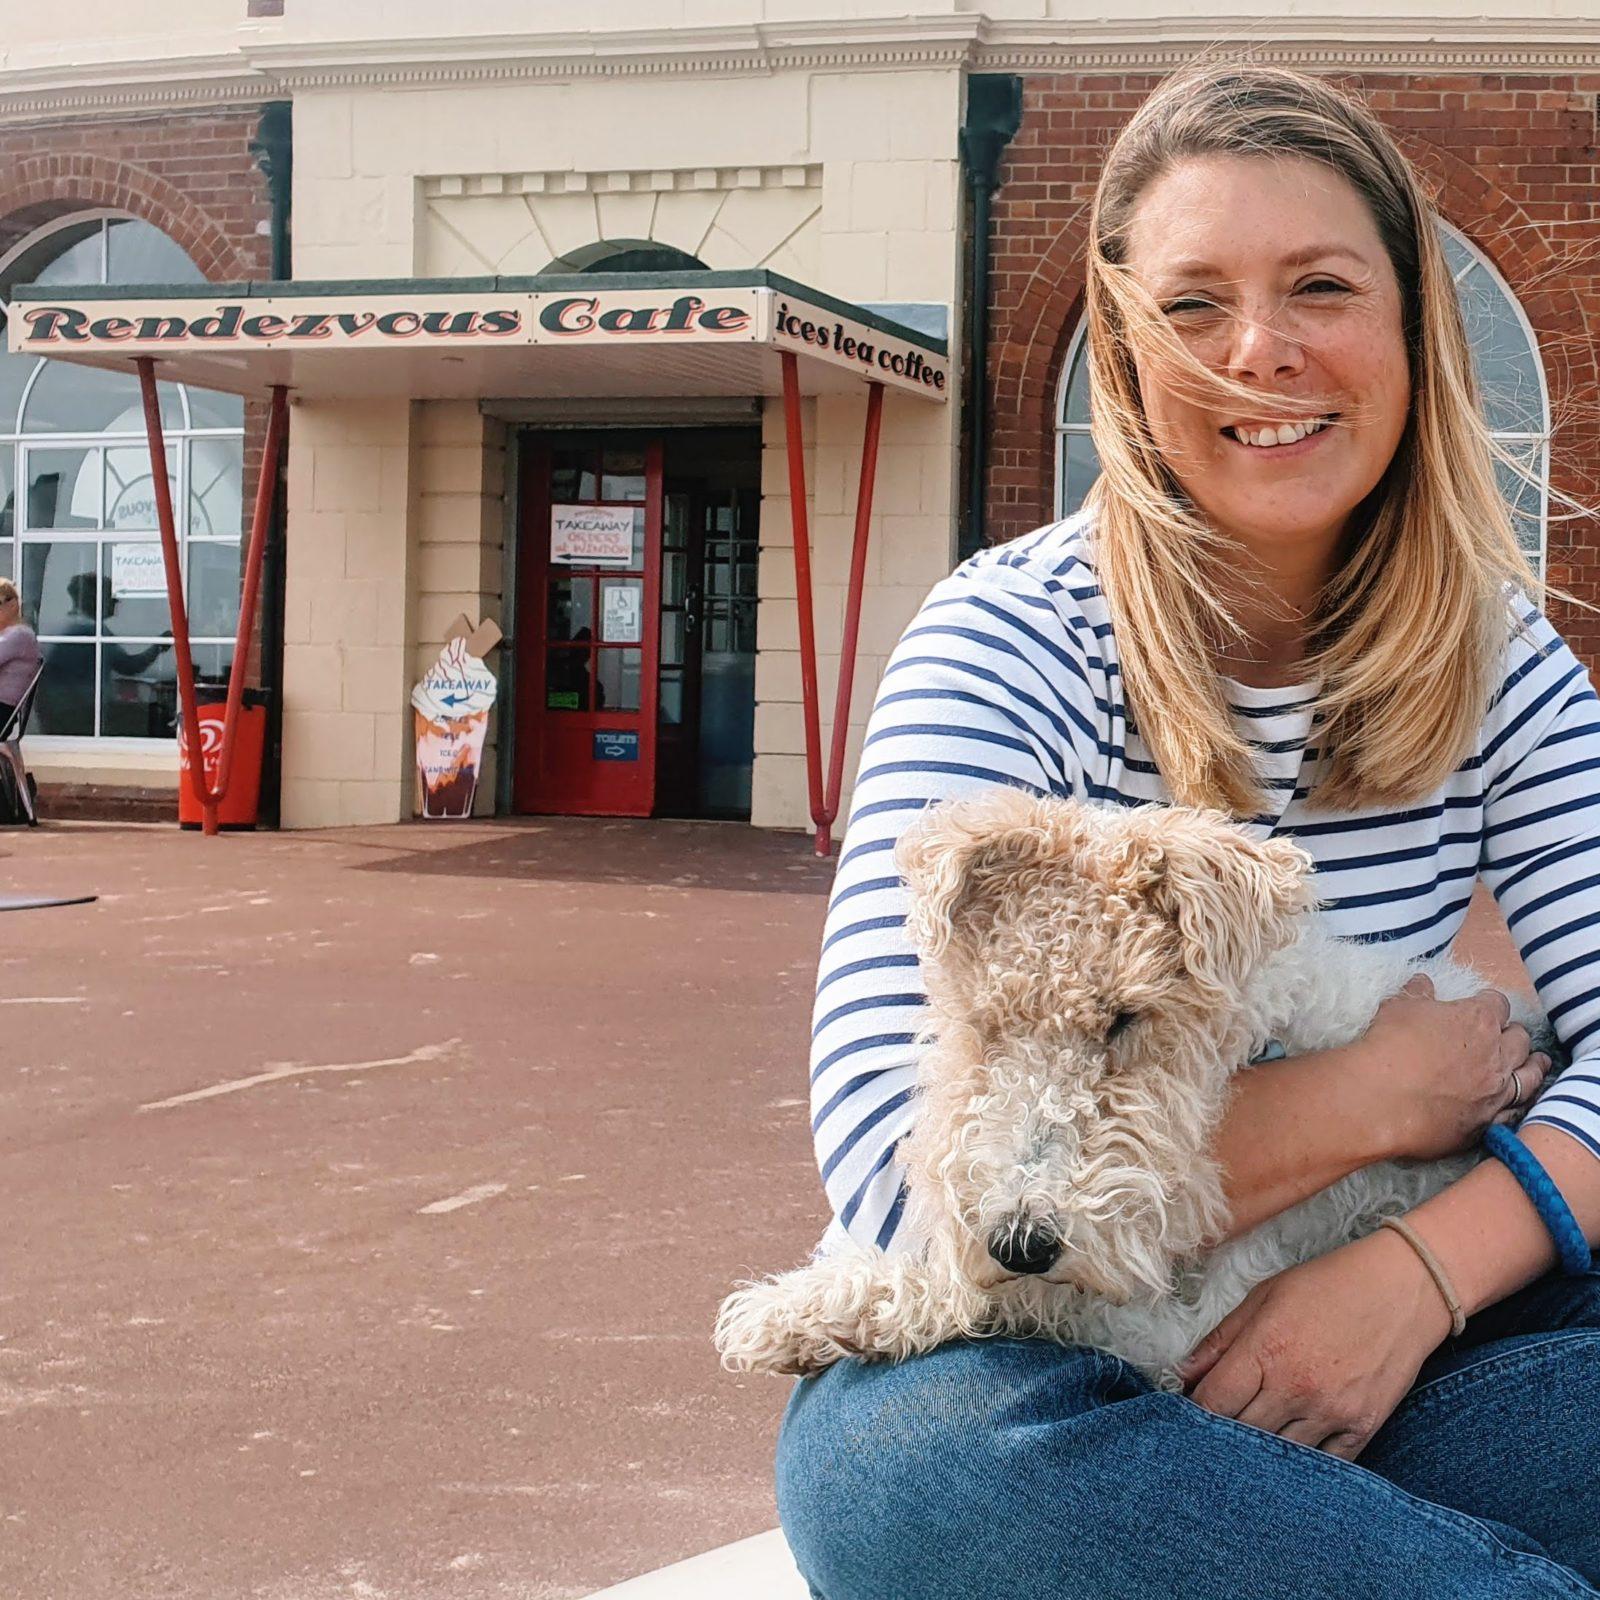 rendezvous cafe fox terrier